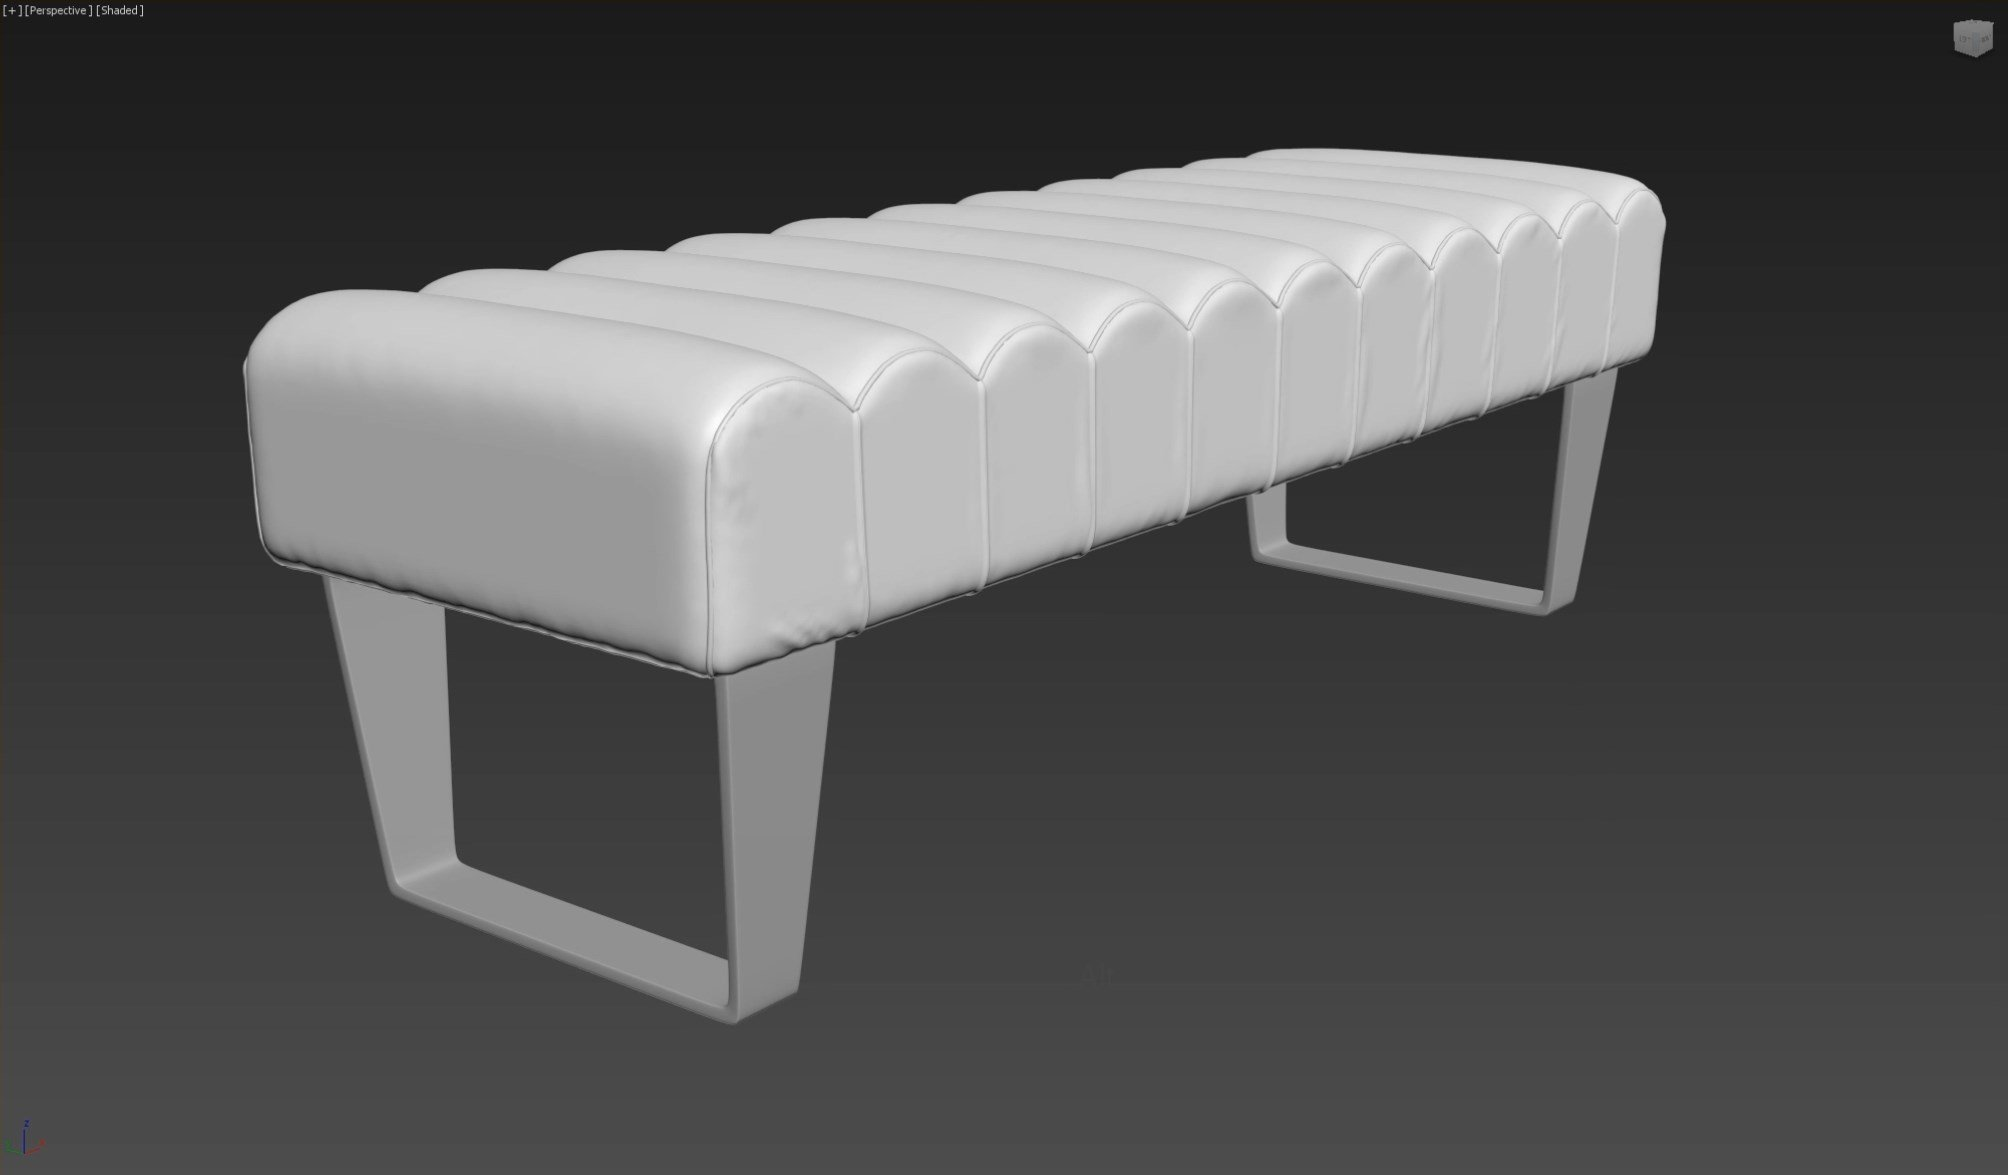 3d моделирование прикроватной скамьи DV home Ritz в 3dsMax и Marvelous Designer_4